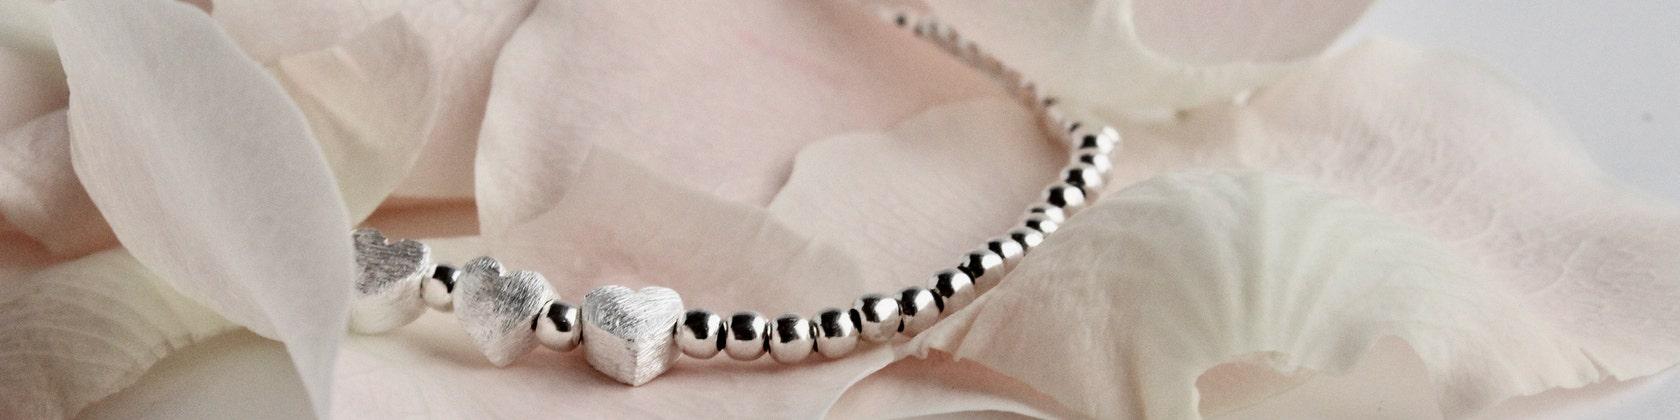 schön elastisch Armband aus Achat Crescent Form Perlen Armband